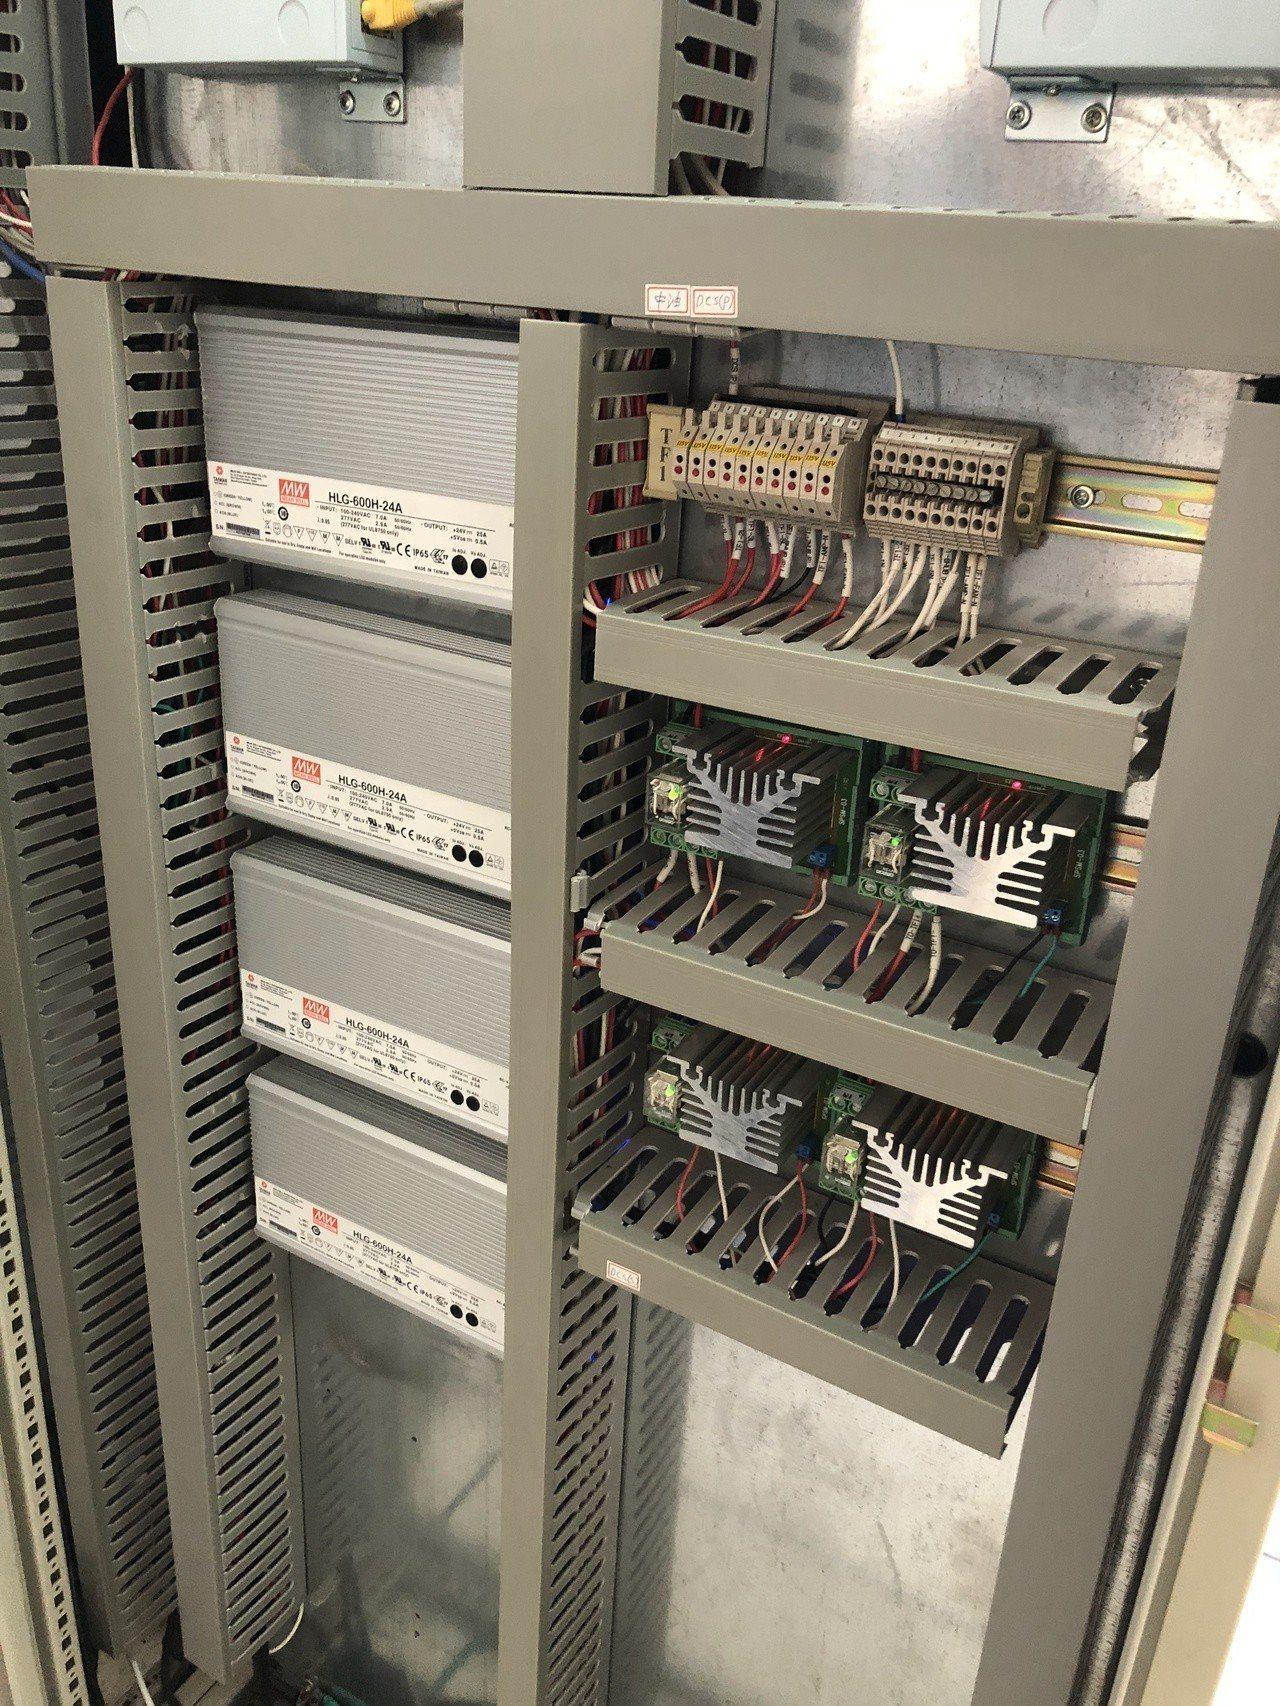 去年設備商巨路換裝電源供應器時,造成電腦系統關機又重開機,導致控制閥關閉的意外。...